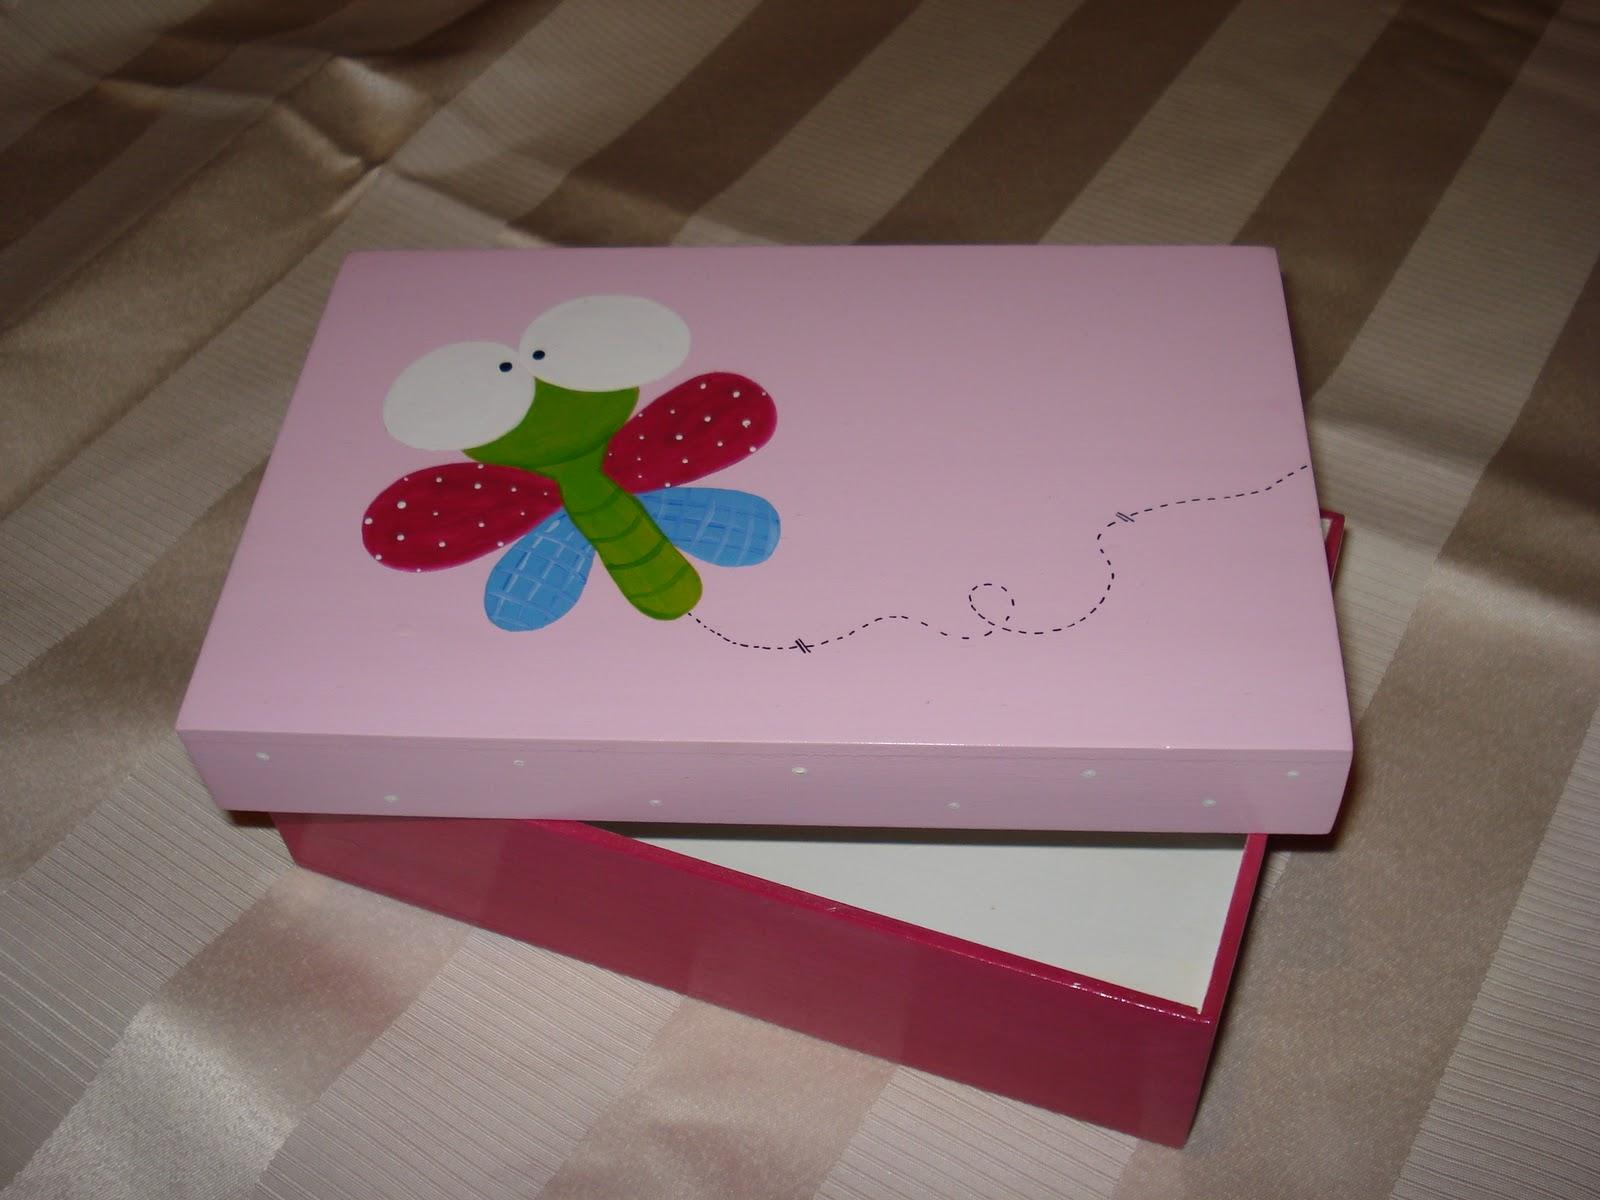 Imagenes de cajas decorativas imagui - Cajas de almacenaje decorativas ...